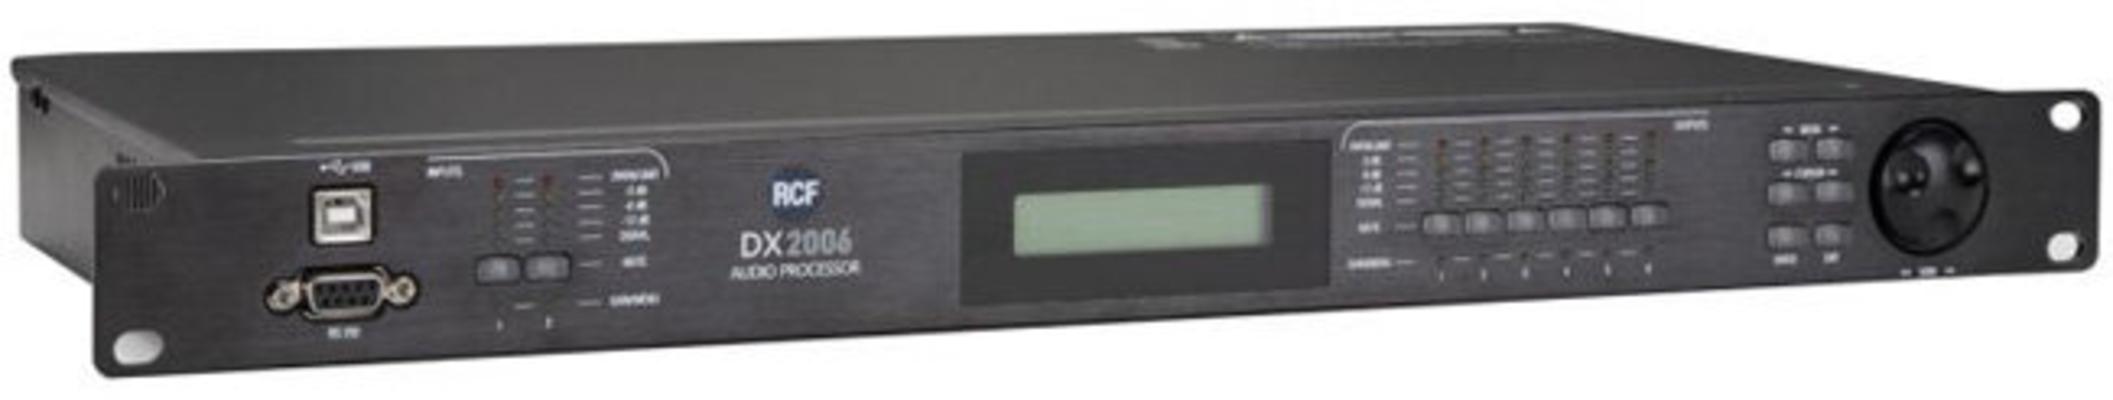 RCF DX 2006 : Processeur numérique 2 entrées, 6 sorties, connexions XLR, Fréquence d'échantillonnage 96 kHz, logiciel de commande inclus.